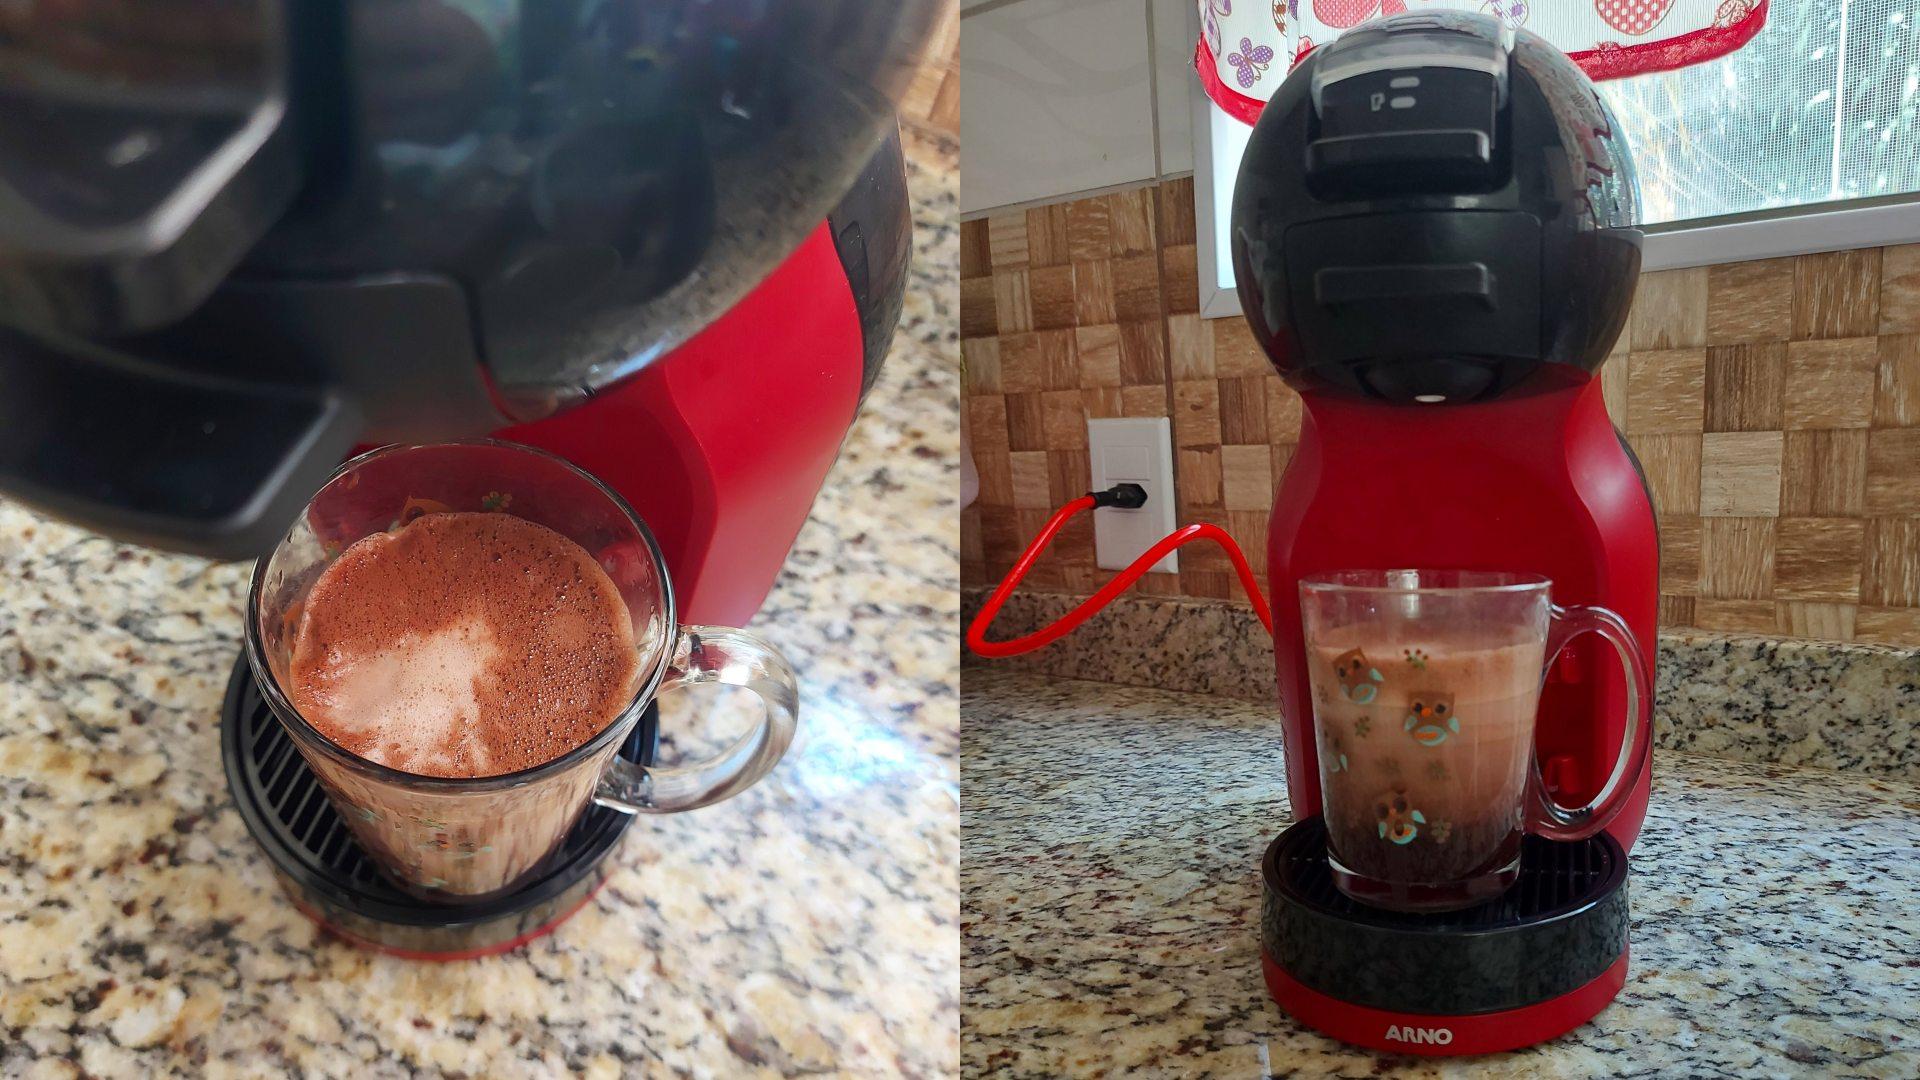 Com duas cápsulas, a Dolce Gusto Mini Me espuma as bebidas com facilidade (Foto: Acervo Pessoal/Ariel Cristina Borges)